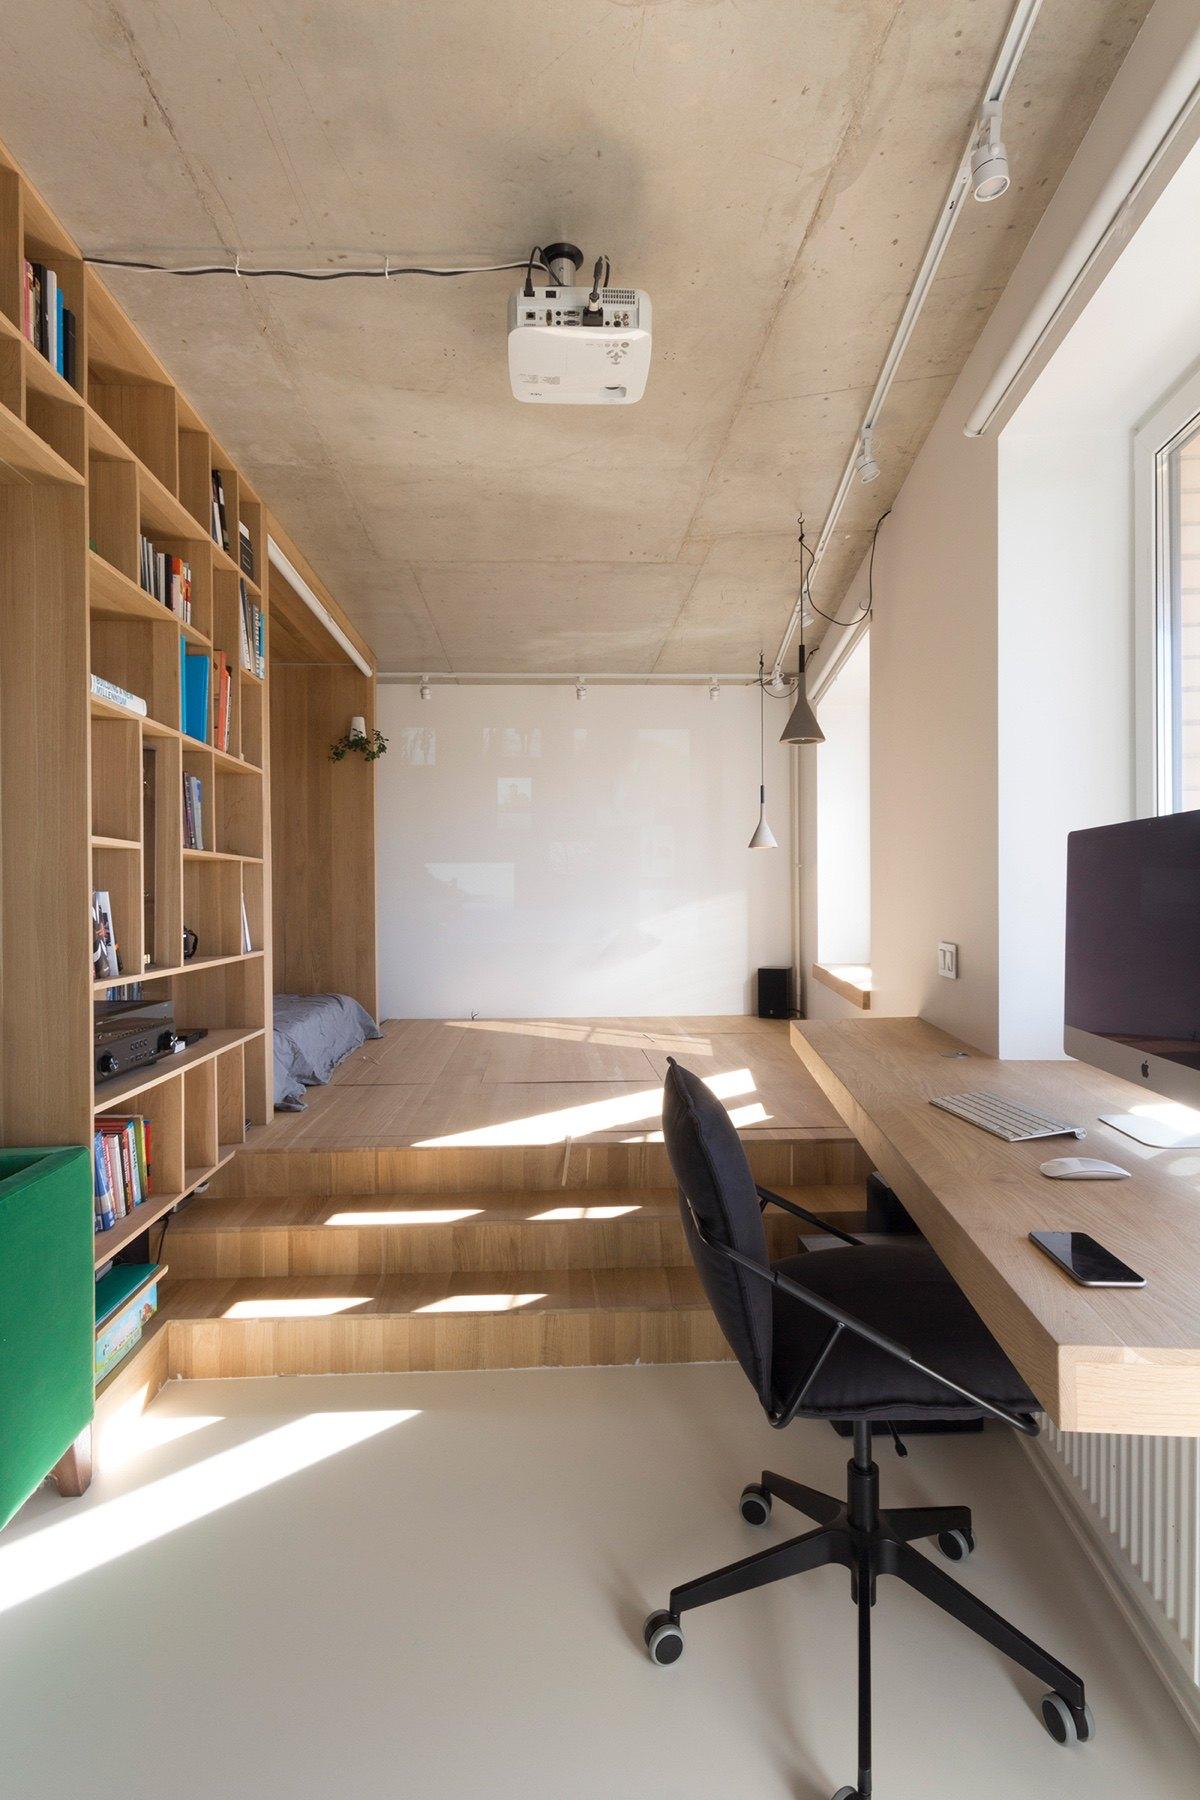 Japanese Home Design Studio Apartments Super Small Studio Apartment Under 50 Square Meters